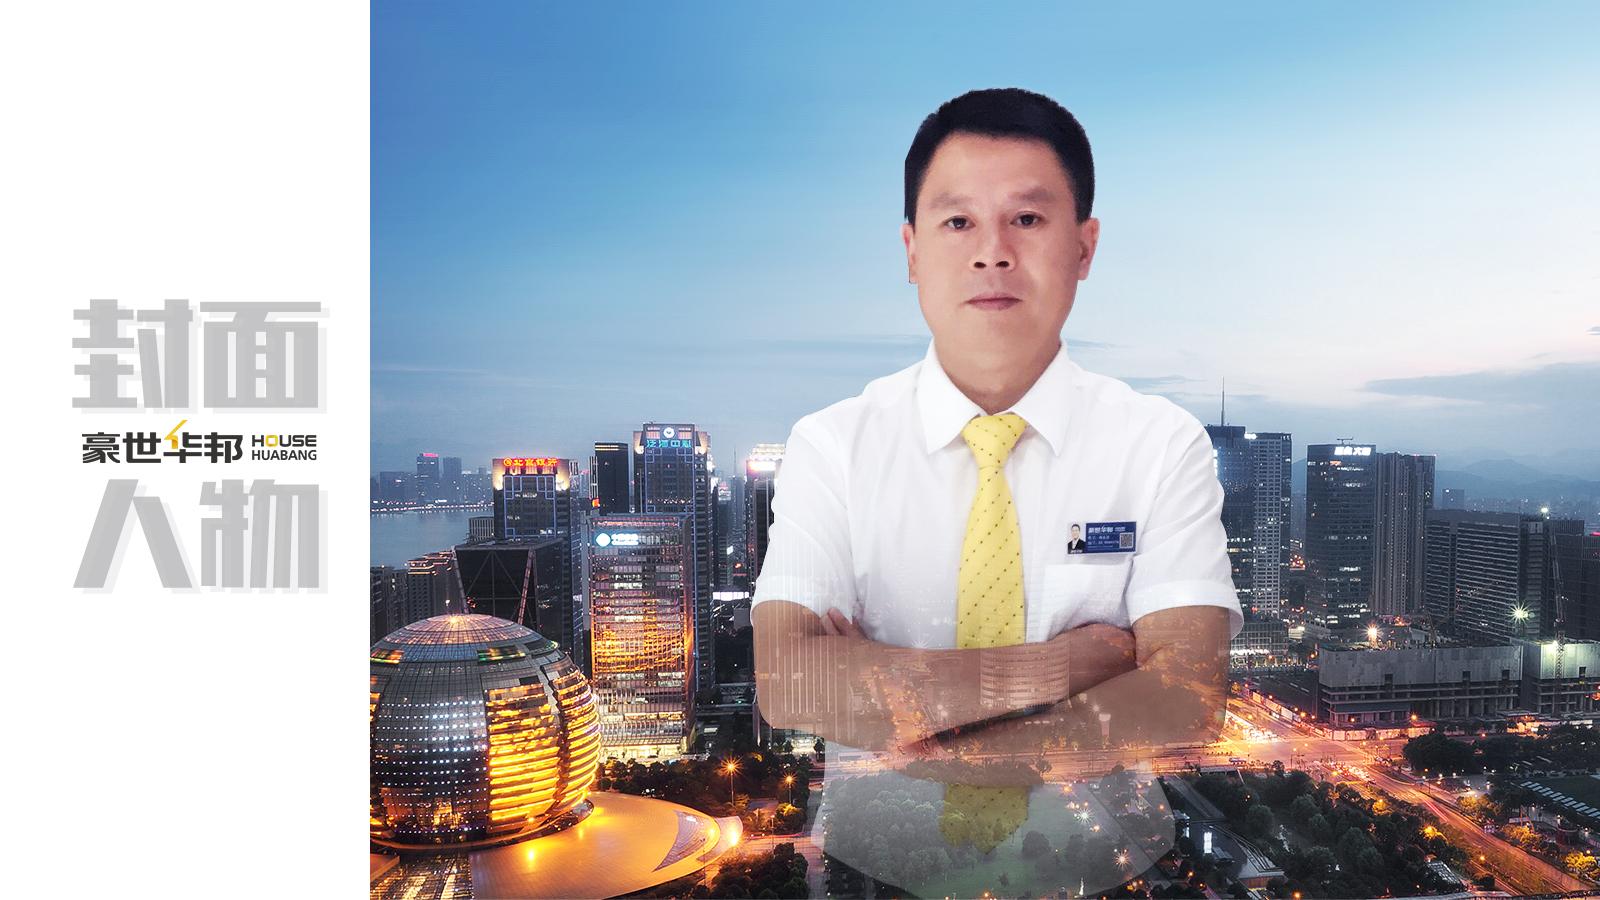 豪世华邦刘永波,懂得土地珍贵用心金牌服务